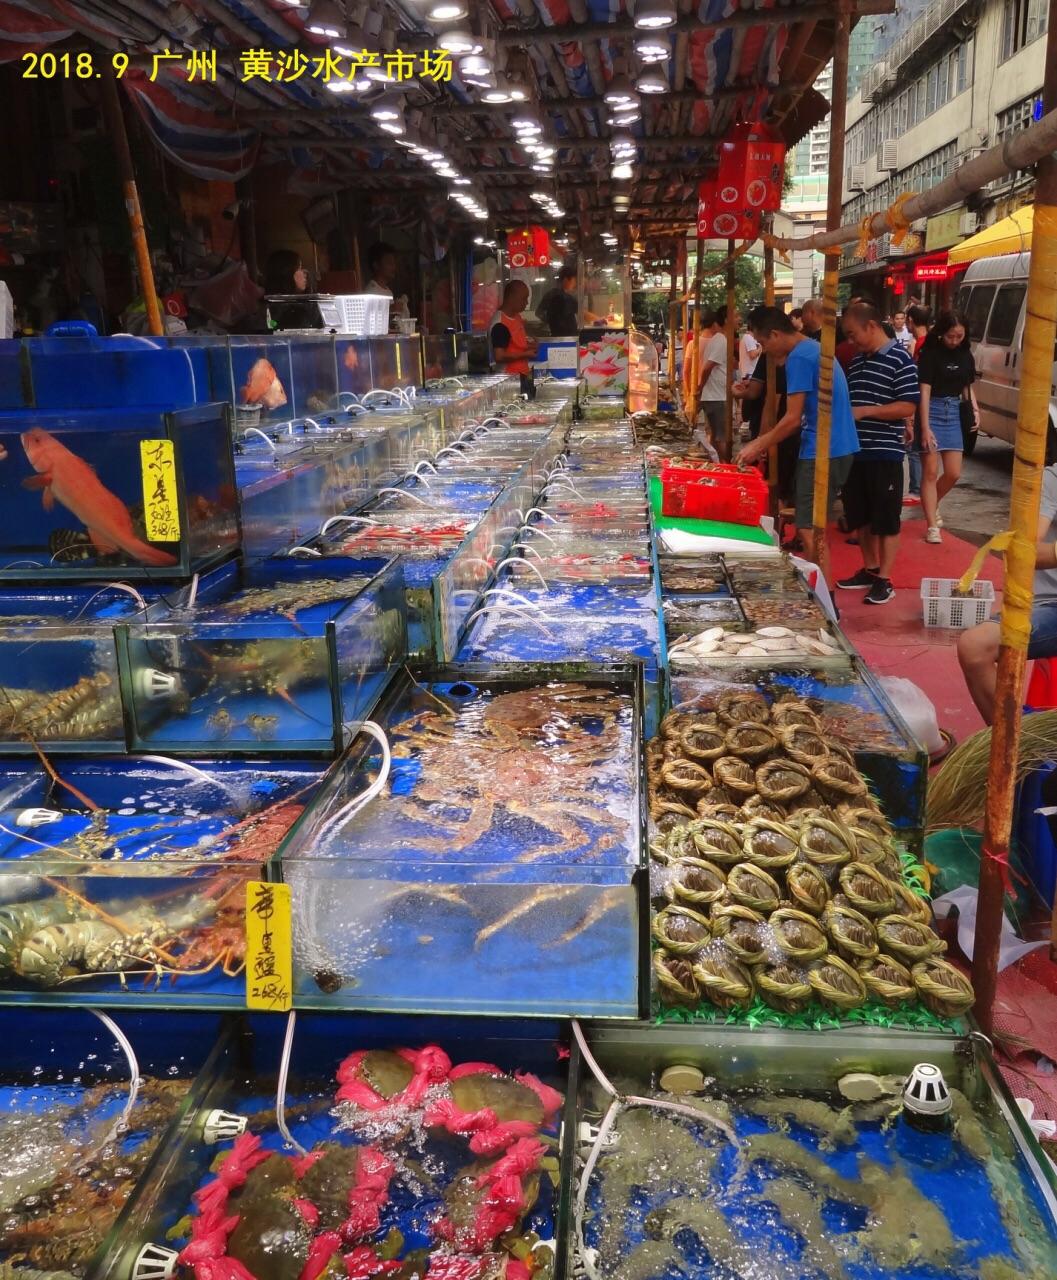 广州水产市场_广州黄沙海鲜水产交易市场怎么样/如何去,黄沙海鲜水产交易市场 ...